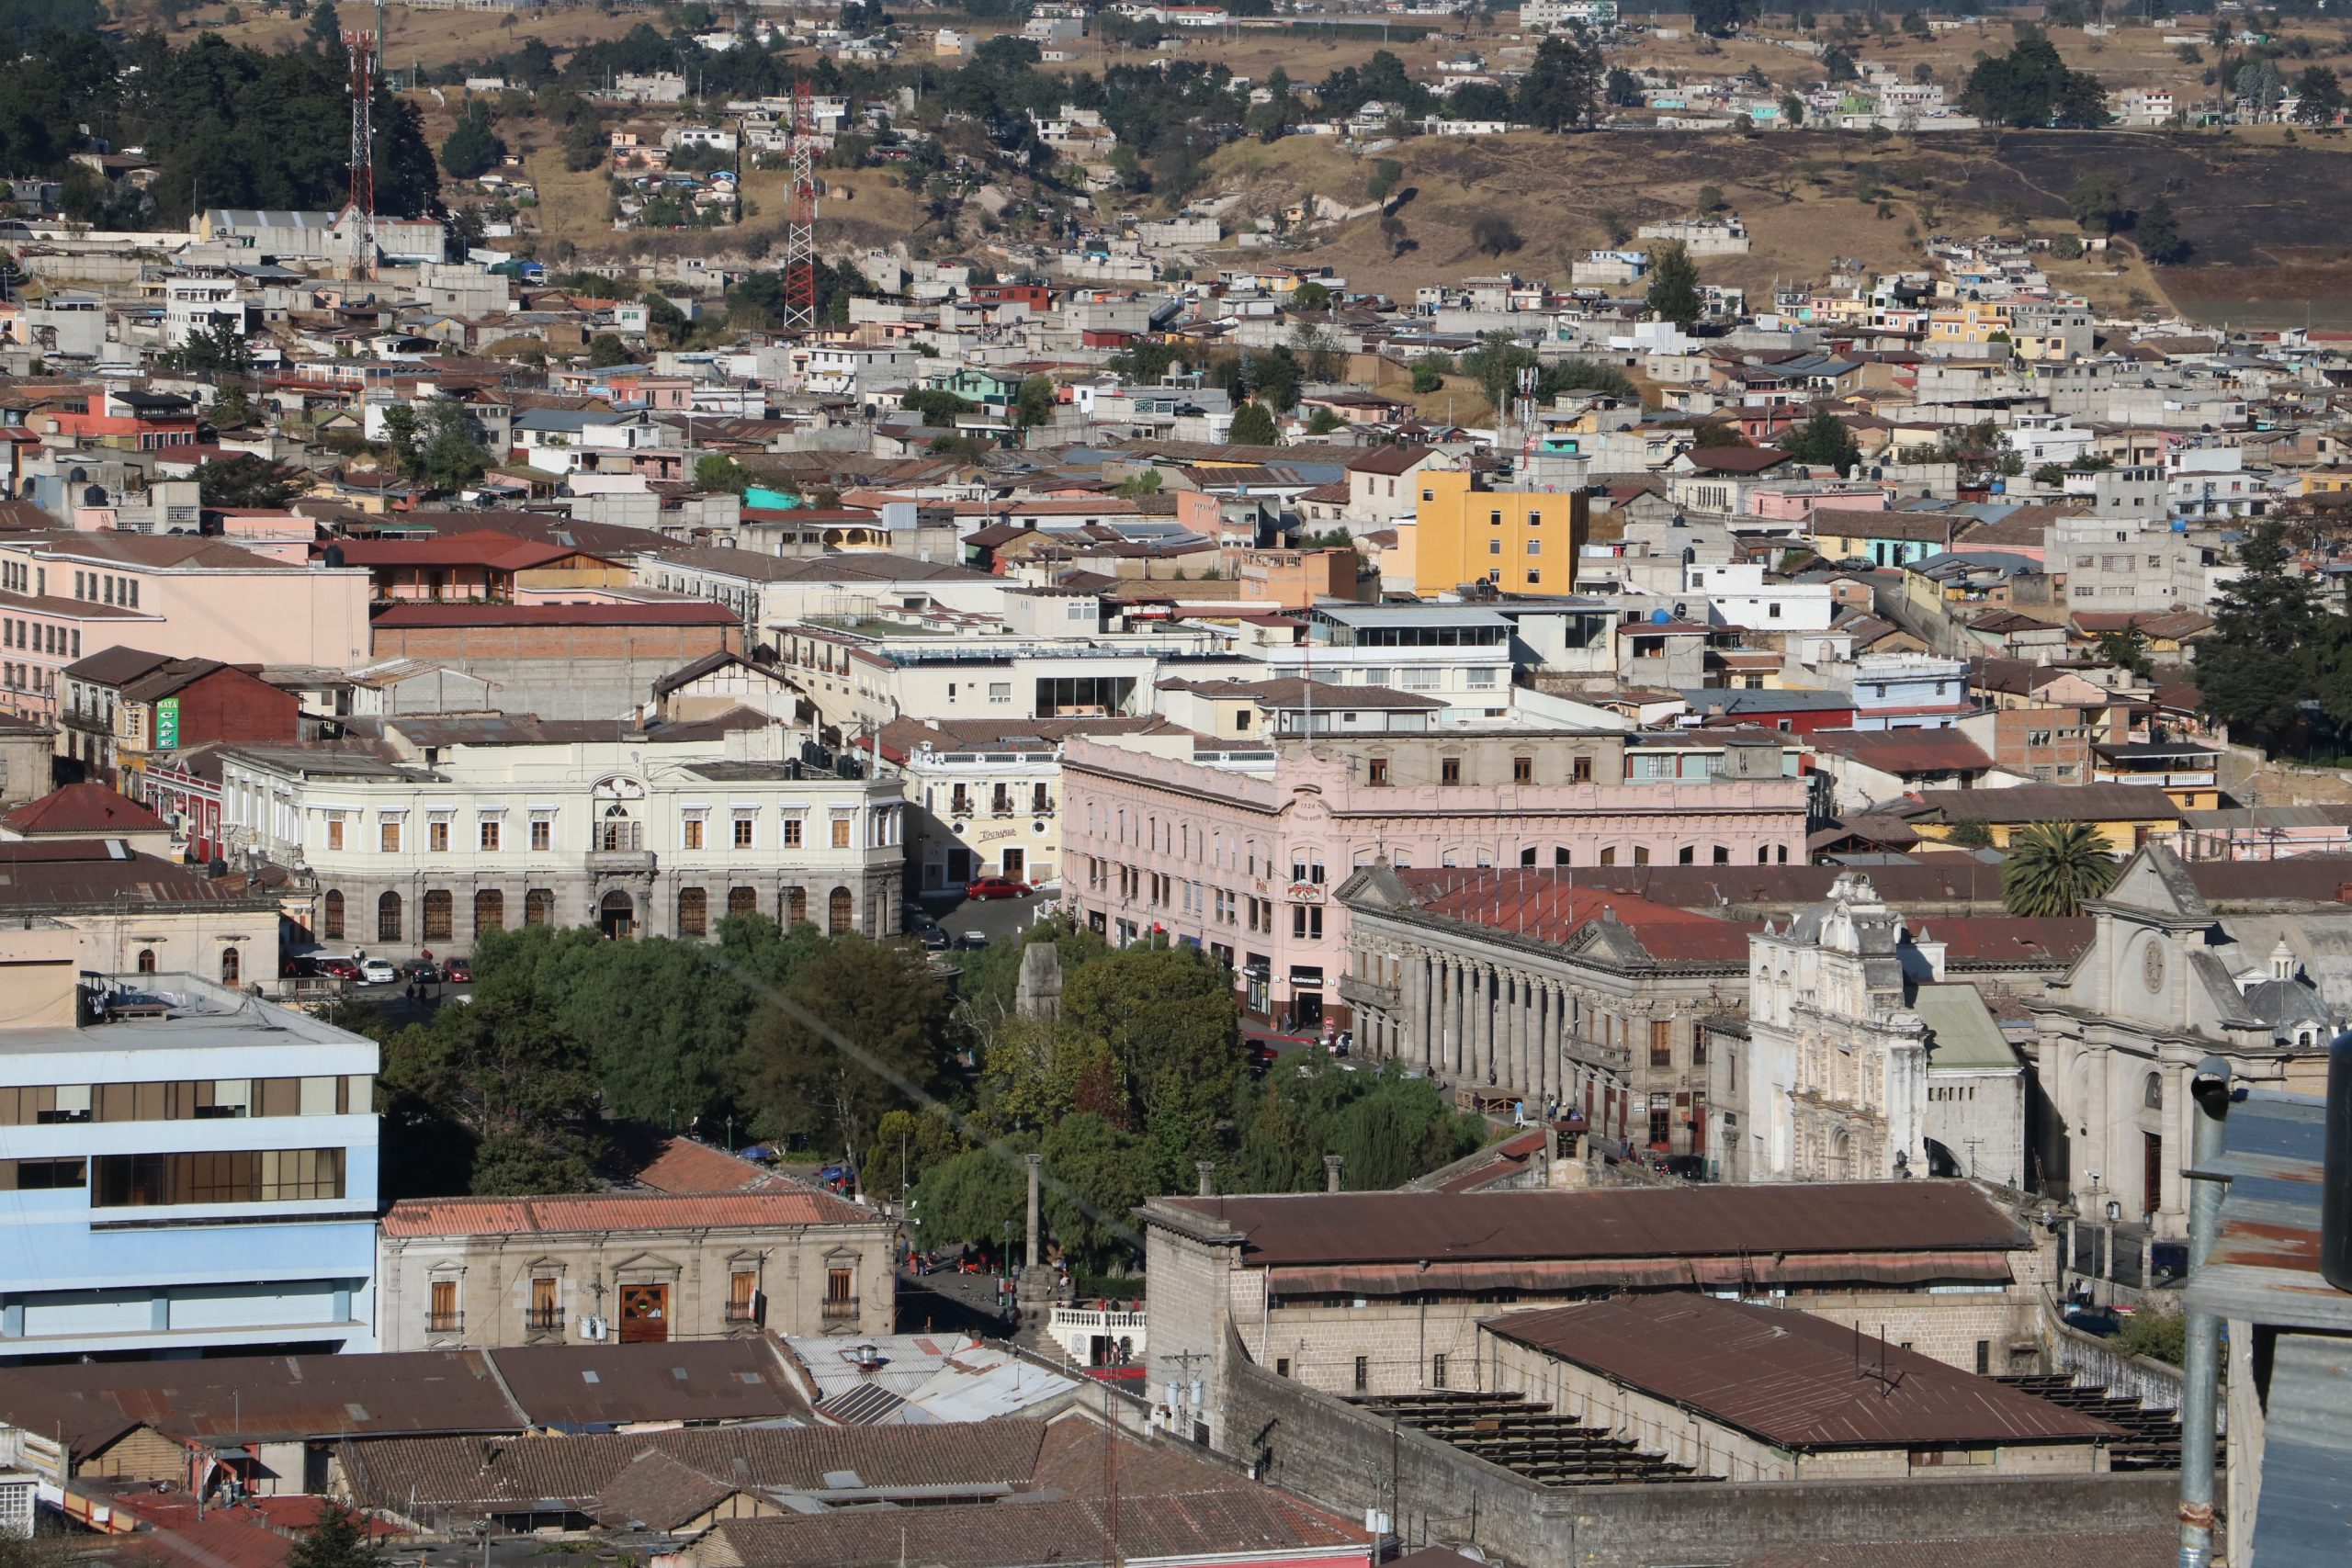 Los casos de Covid-19 no han bajado y se reporta un incremento en zona urbana y rural en Xela.